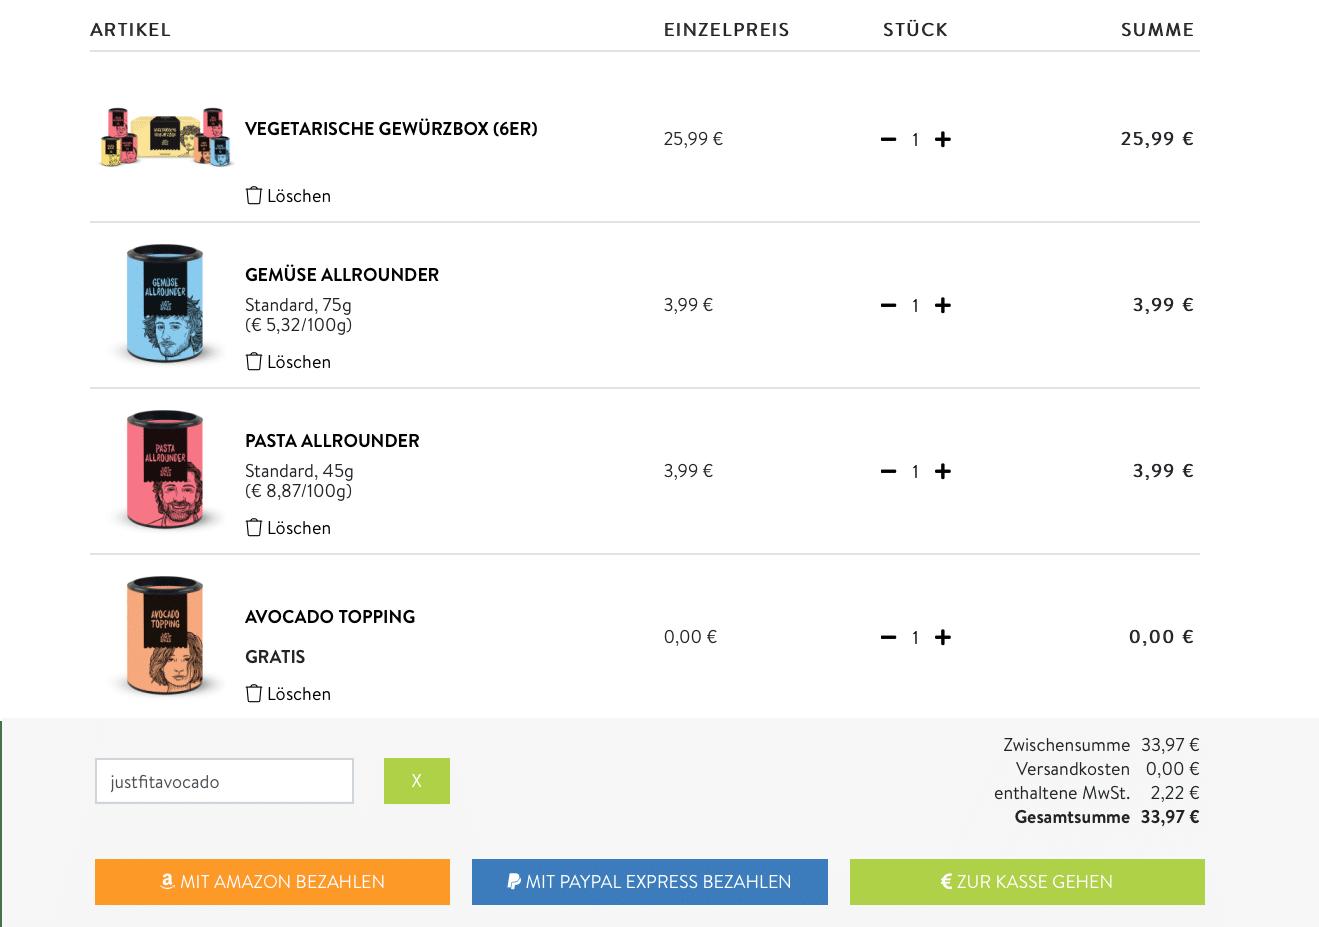 """#GEWÜRZE #KOCHEN #ANFÄNGER Just Spices Gewürze(Werbung) total verliebt und hatte damals ein Probierpaket mit 4 Gewürzen geschenkt bekommen. In diesem Blogpost gebe ich dir einen kurzen Einblick und du bekommen einen Rabattcode (""""justfitavocado""""), womit du dir ein leckeres Gratis Gewürz (""""Avocado Topping"""") sichern kannst. Ab einem Bestellwert von 20€ (Ich empfehle dir ein Probierset zu nehmen)"""